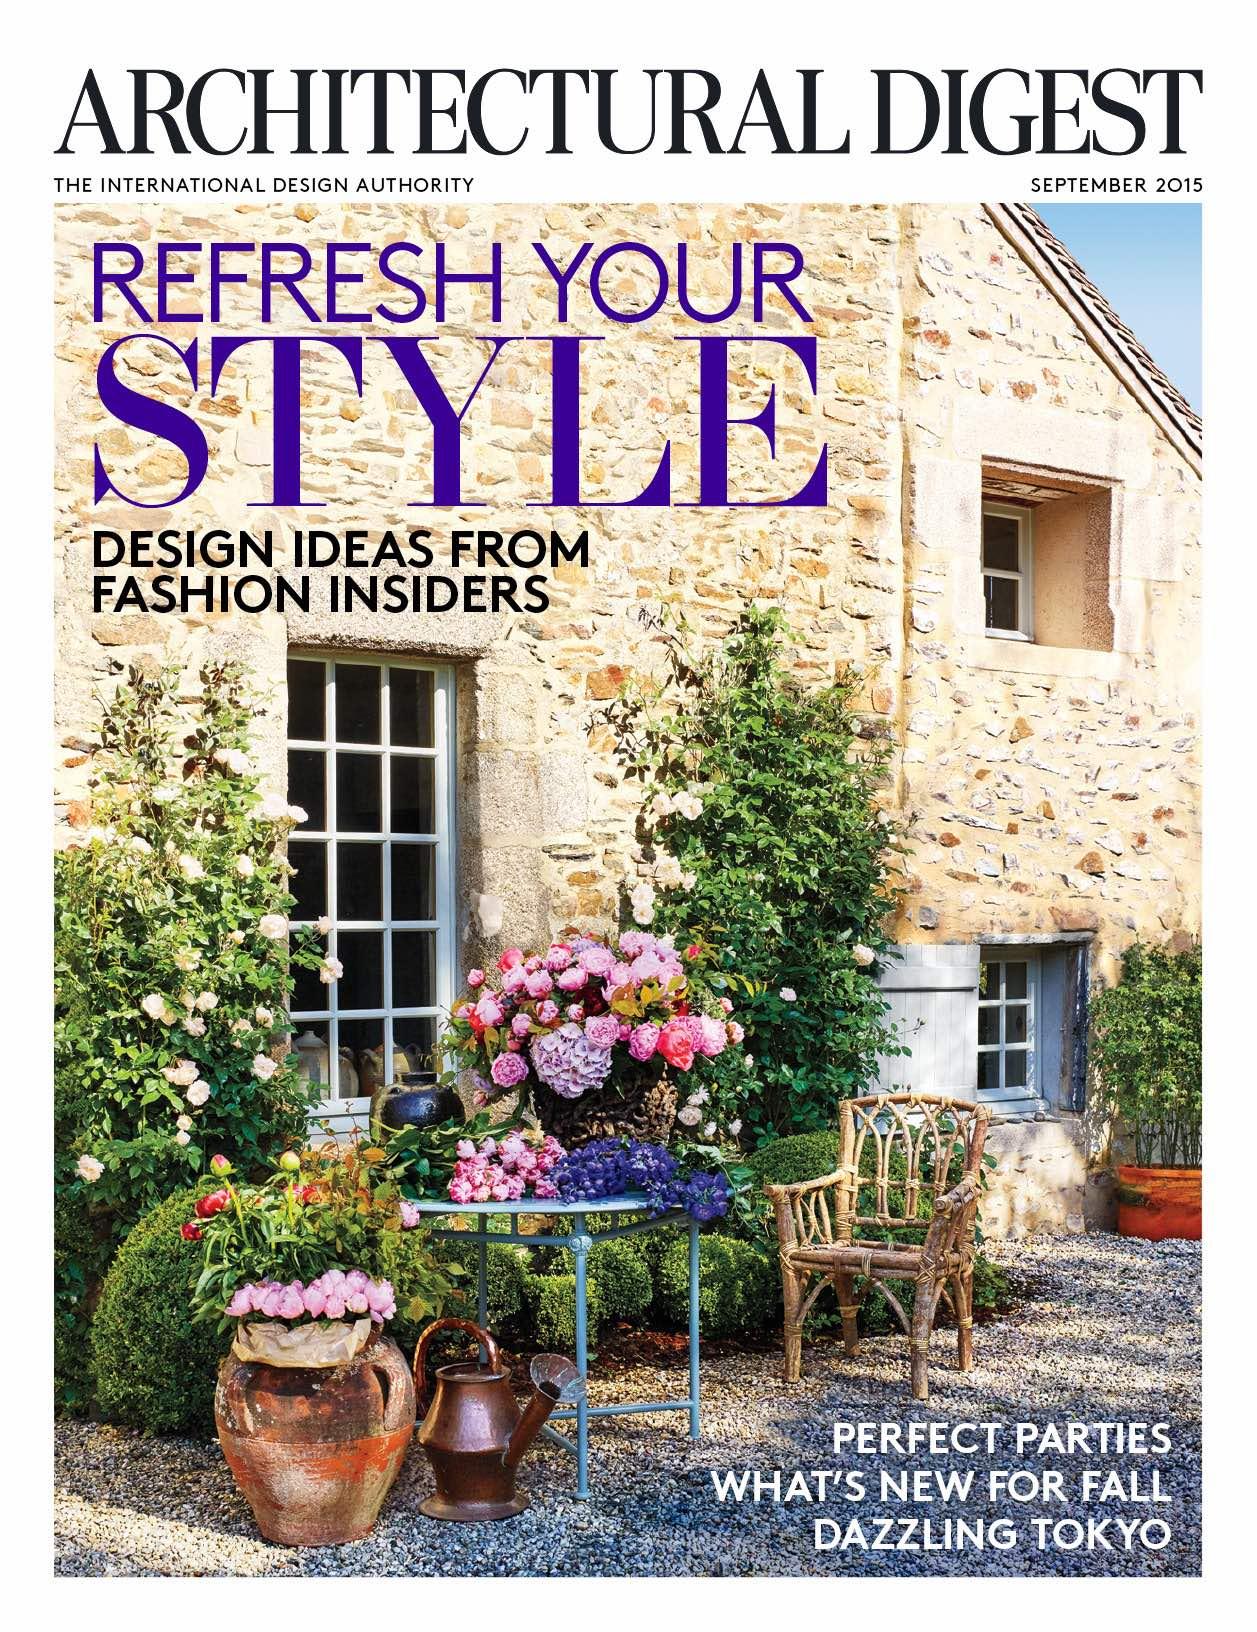 Architectural Digest: Architectural Digest Features Fashion Insiders' Dreamy